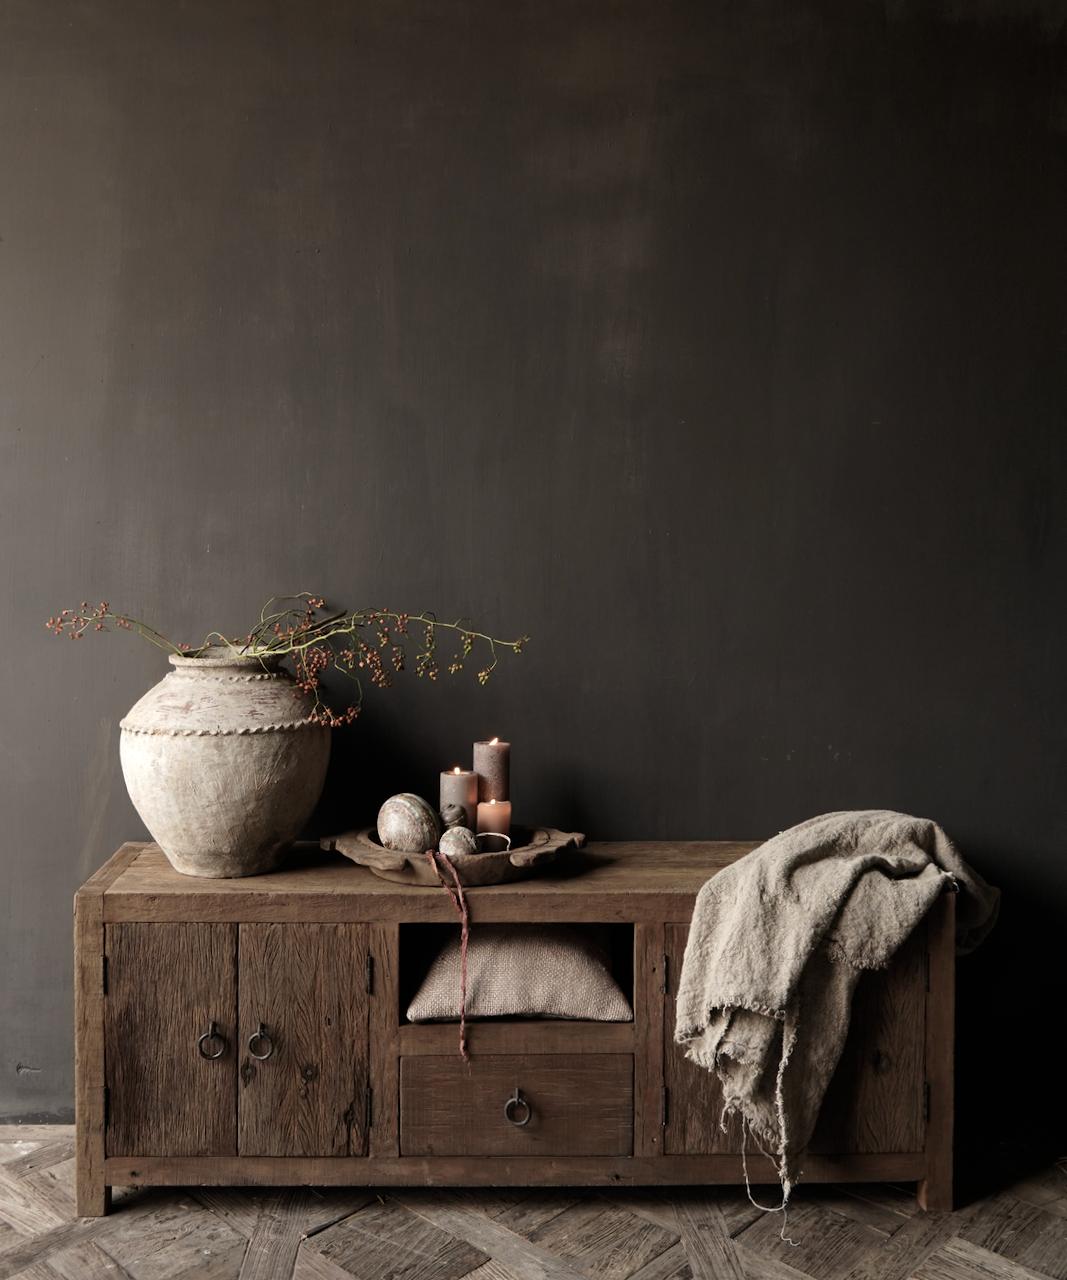 TV-Möbel / Sideboard aus altem, robustem Holz-1